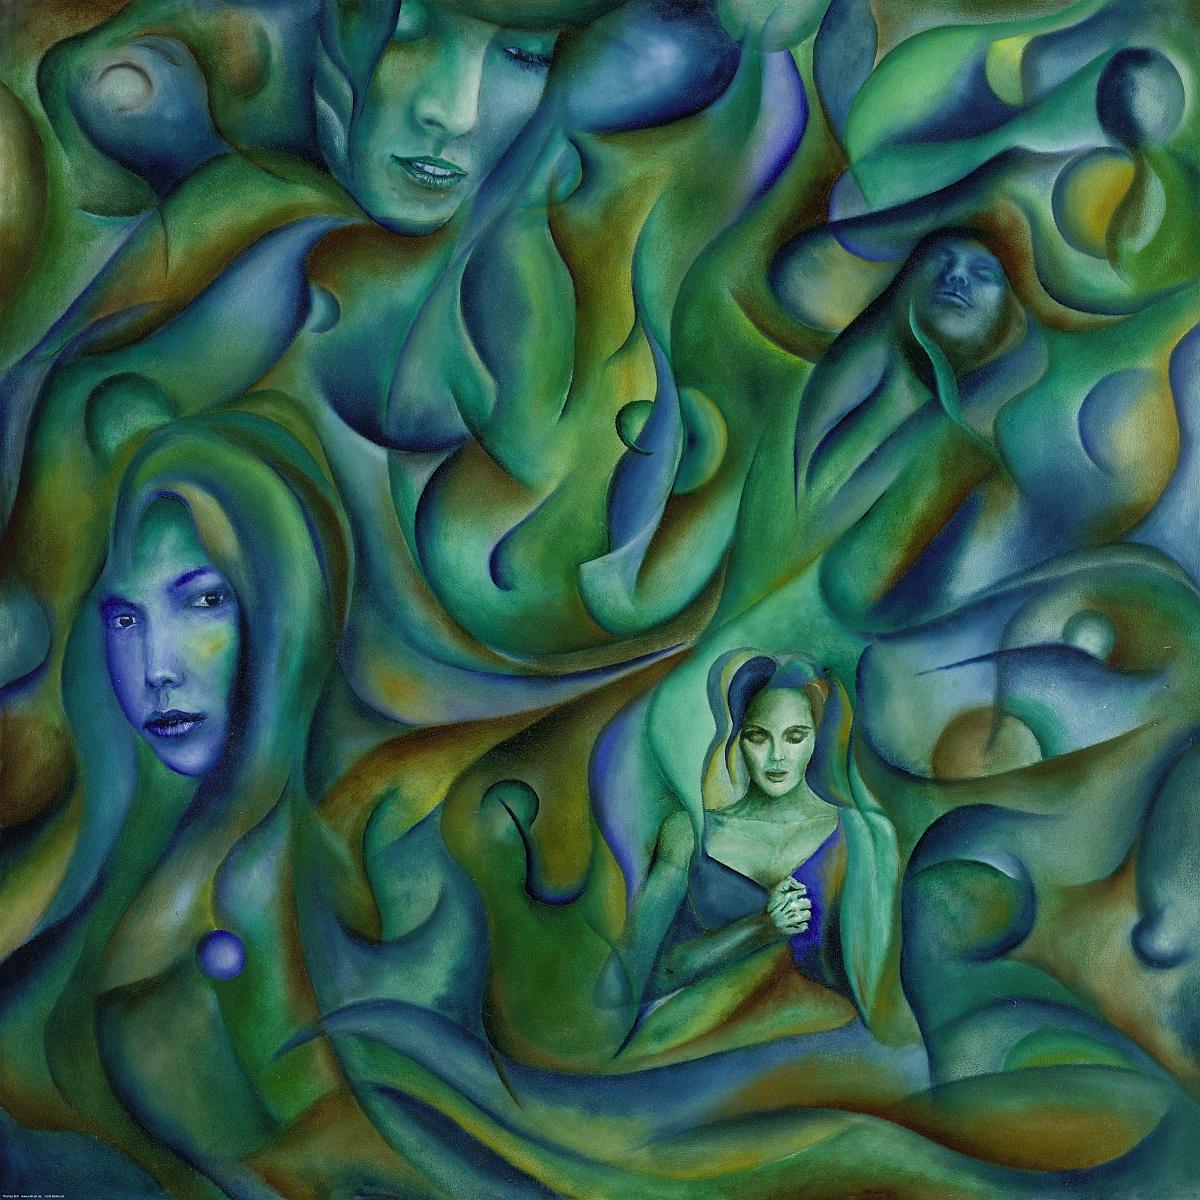 2000 Moderne Kunst Von Thomas Brill Originale Gemalde Drucke